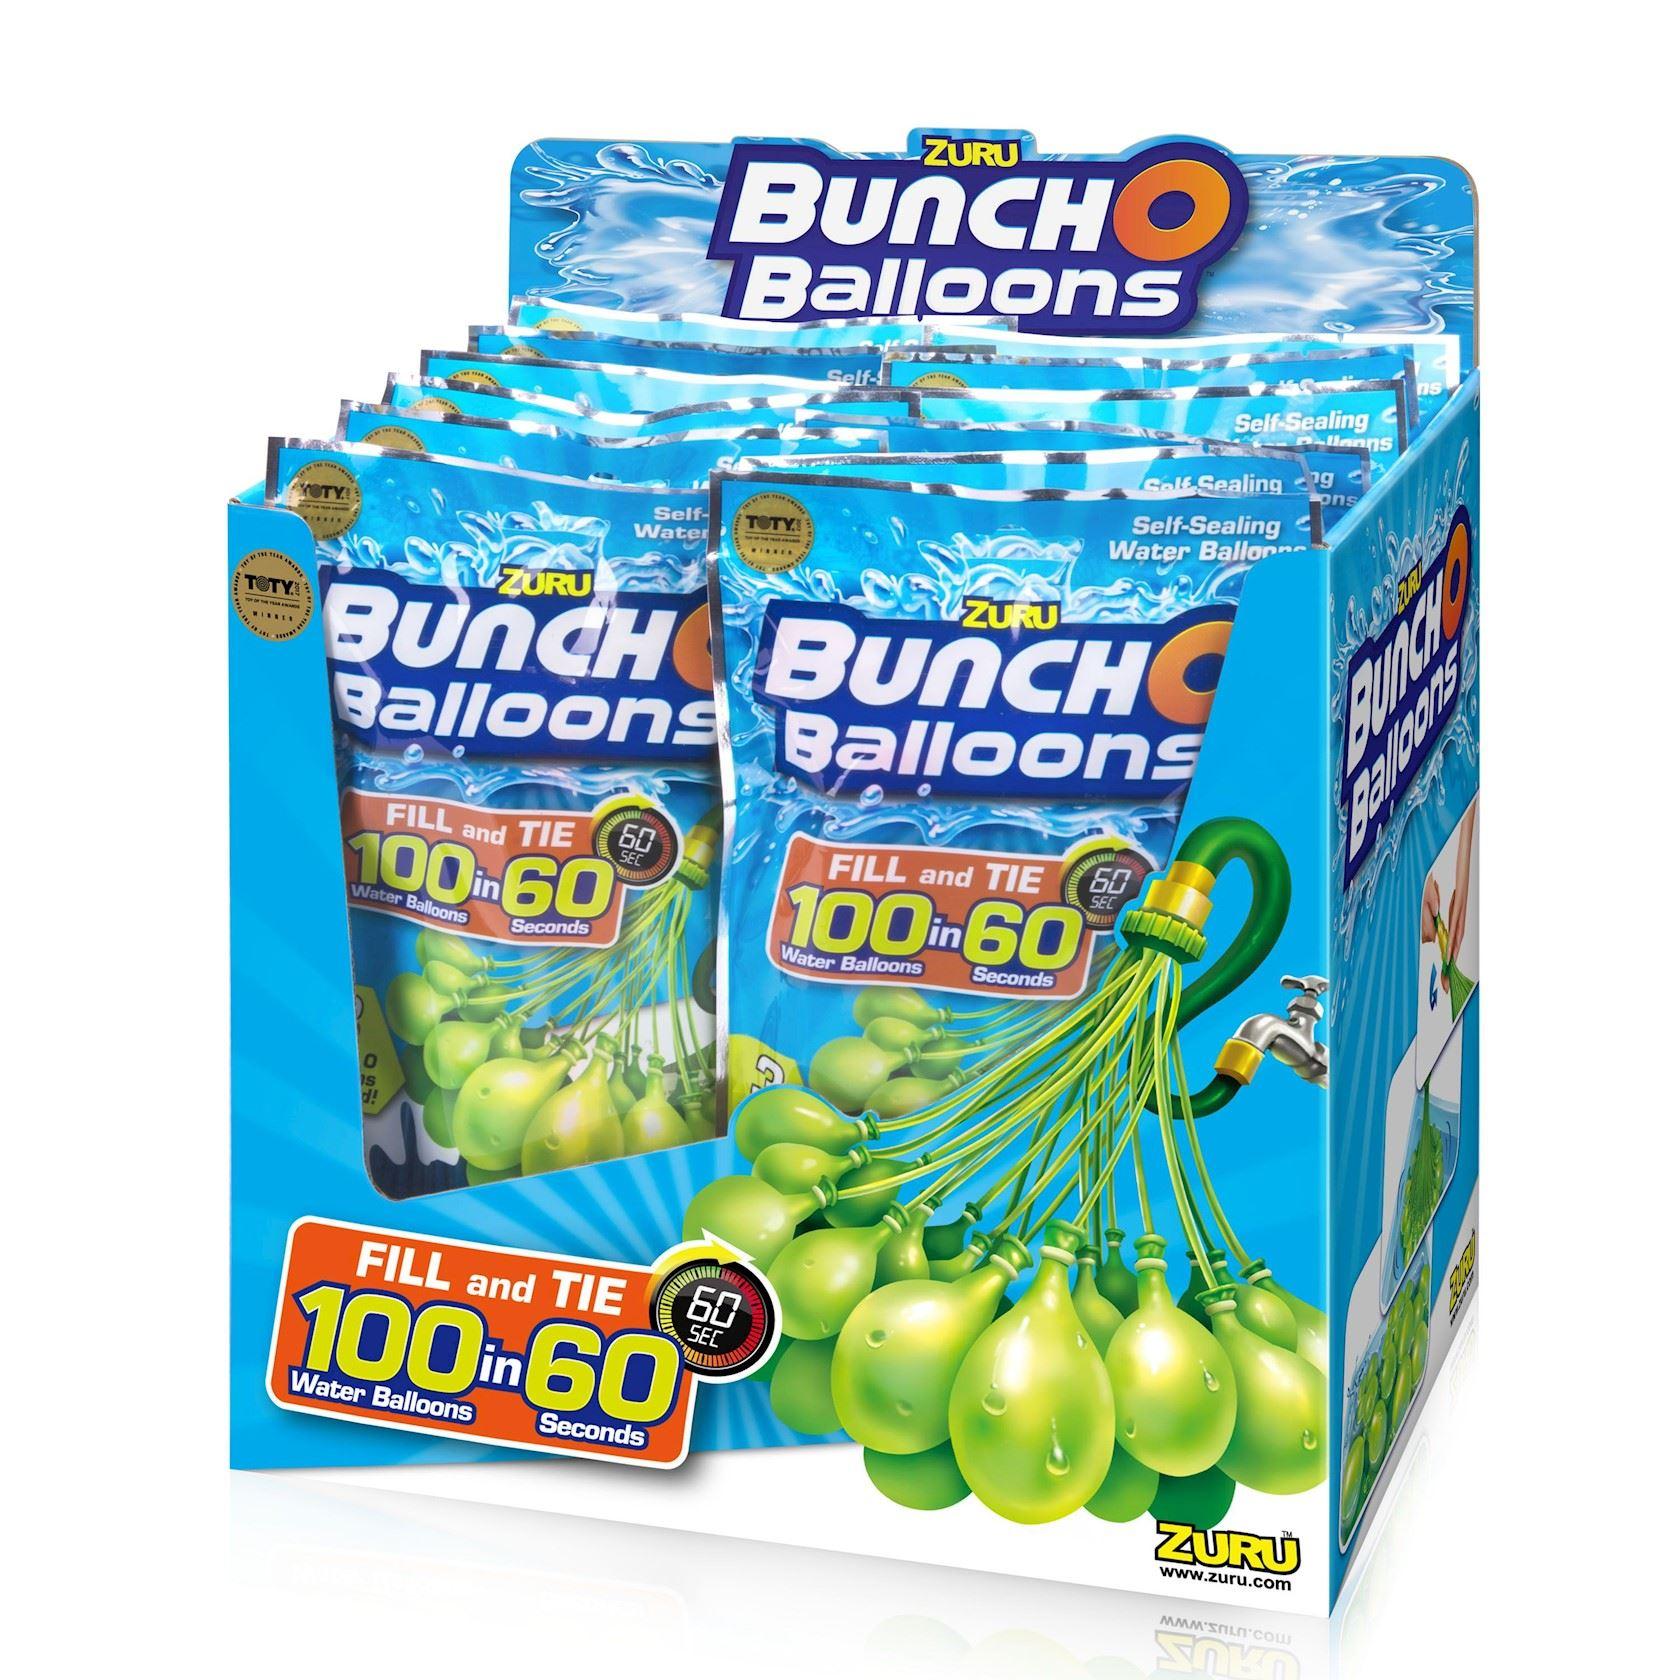 Waterbalonnen 100 stuks vulbaar in 60 seconden! - Zuru Bunch O Ballons